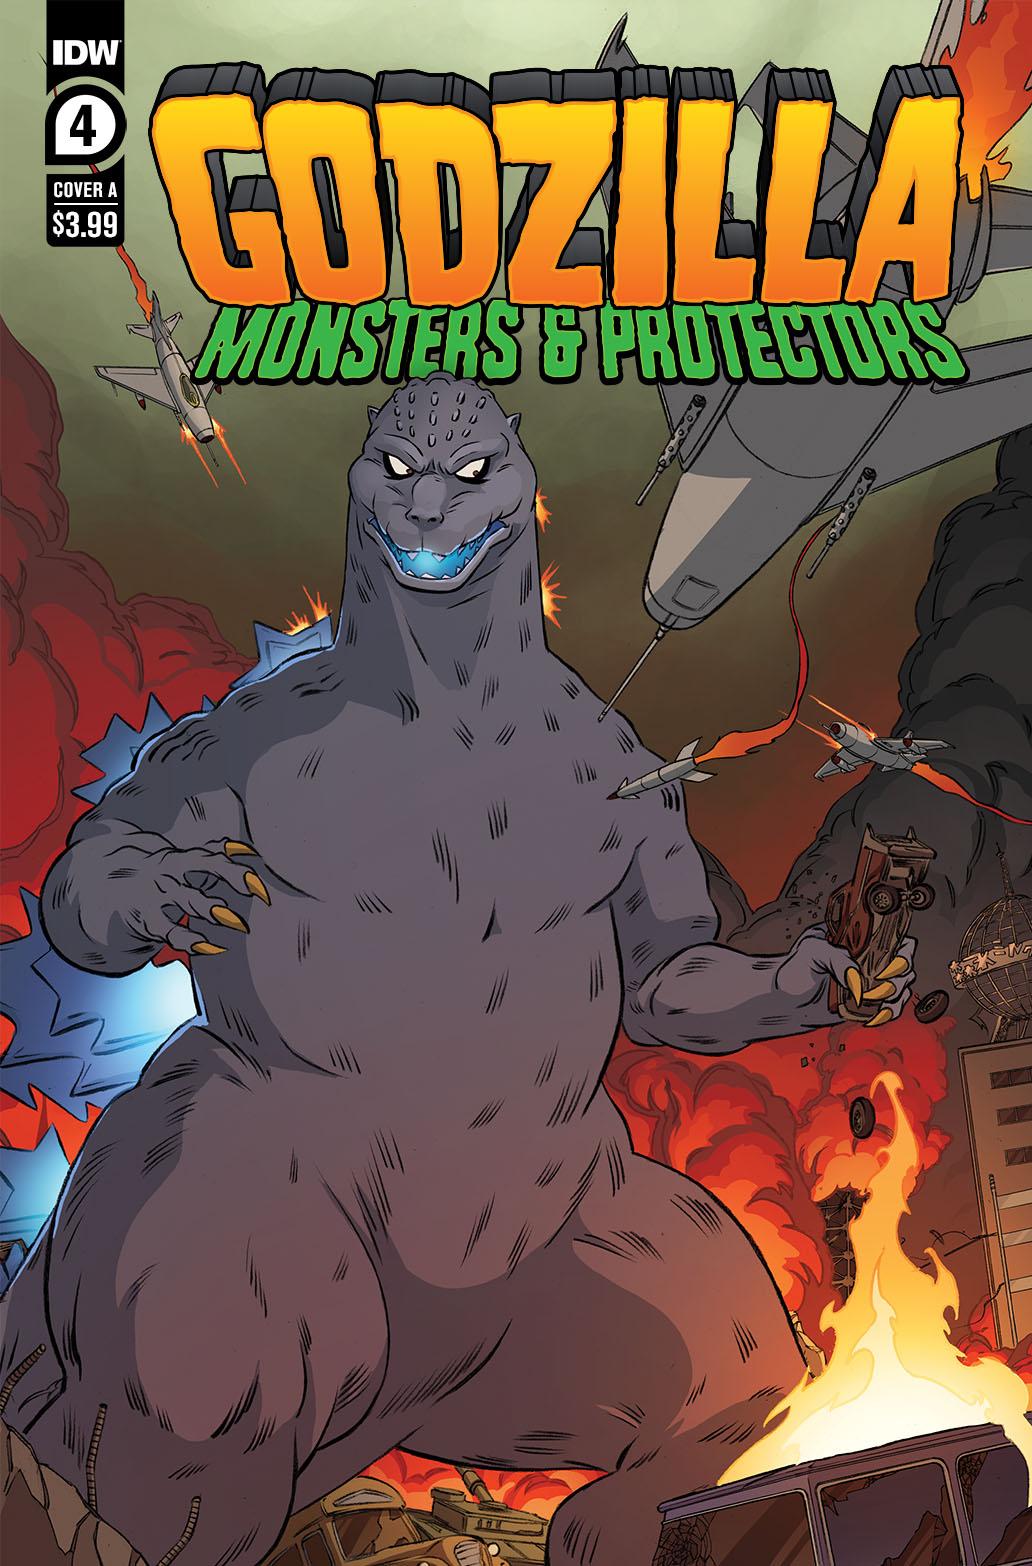 Godzilla_MP04-coverA-copy IDW Publishing July 2021 Solicitations